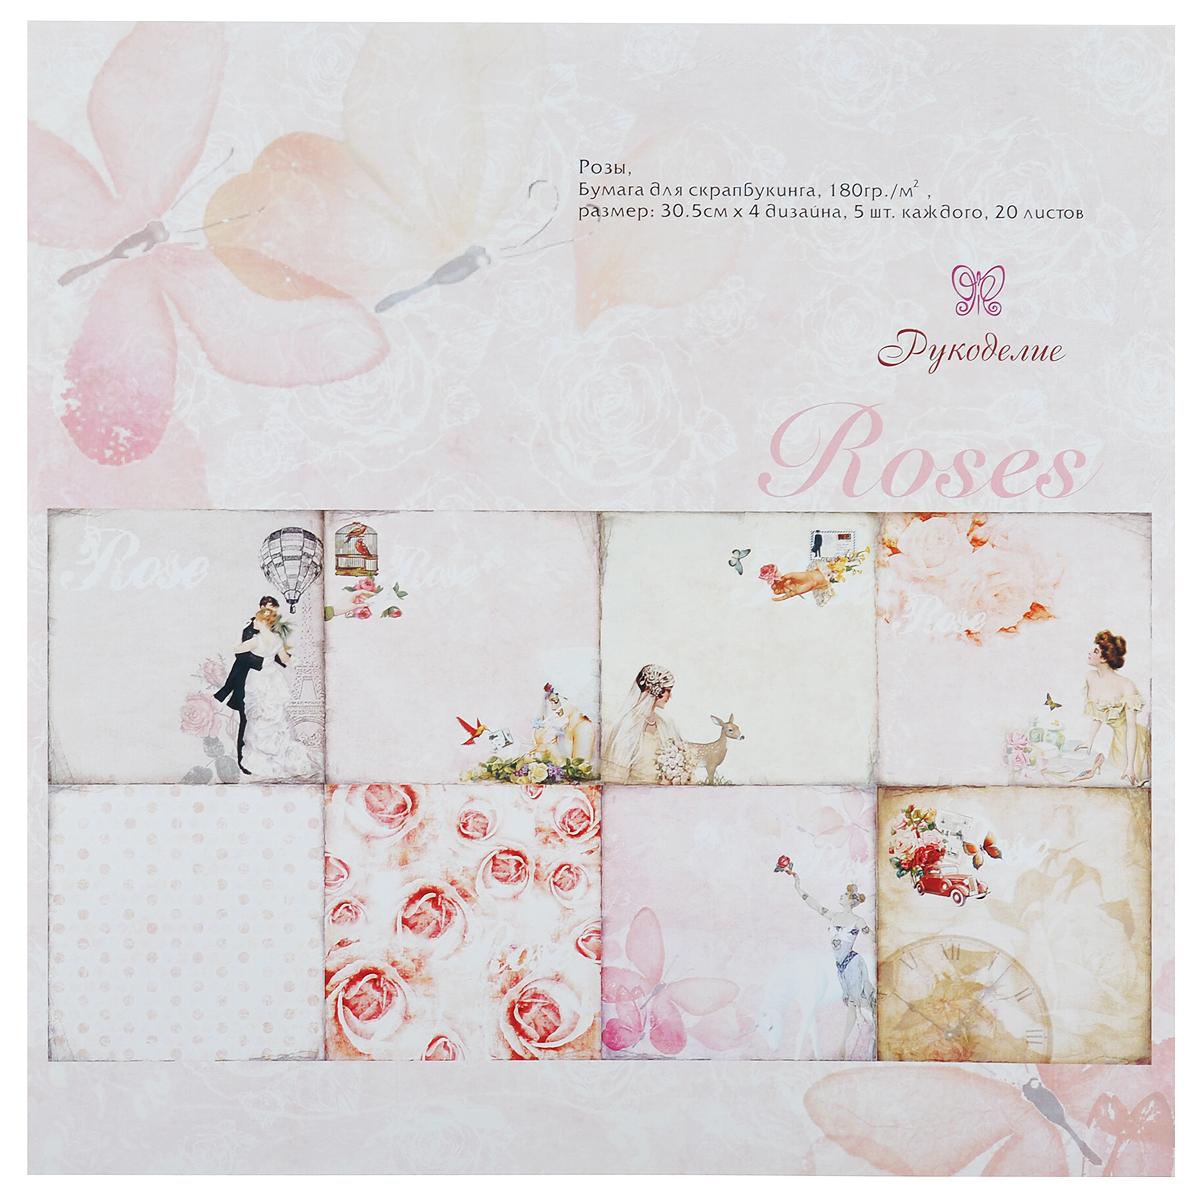 Набор бумаги для скрапбукинга Розы, 30,5 см х 30,5 см, 20 листов693197Набор бумаги для скрапбукинга Розы позволит создать красивый альбом, фоторамку или открытку ручной работы, оформить подарок или аппликацию. Набор включает 20 листов из плотной бумаги: 4 дизайна по 5 листов. Листы с двухсторонним рисунком. Скрапбукинг - это хобби, которое способно приносить массу приятных эмоций не только человеку, который этим занимается, но и его близким, друзьям, родным. Это невероятно увлекательное занятие, которое поможет вам сохранить наиболее памятные и яркие моменты вашей жизни, а также интересно оформить интерьер дома. Размер бумаги: 30,5 см х 30,5 см. Плотность бумаги: 180 г/м2.